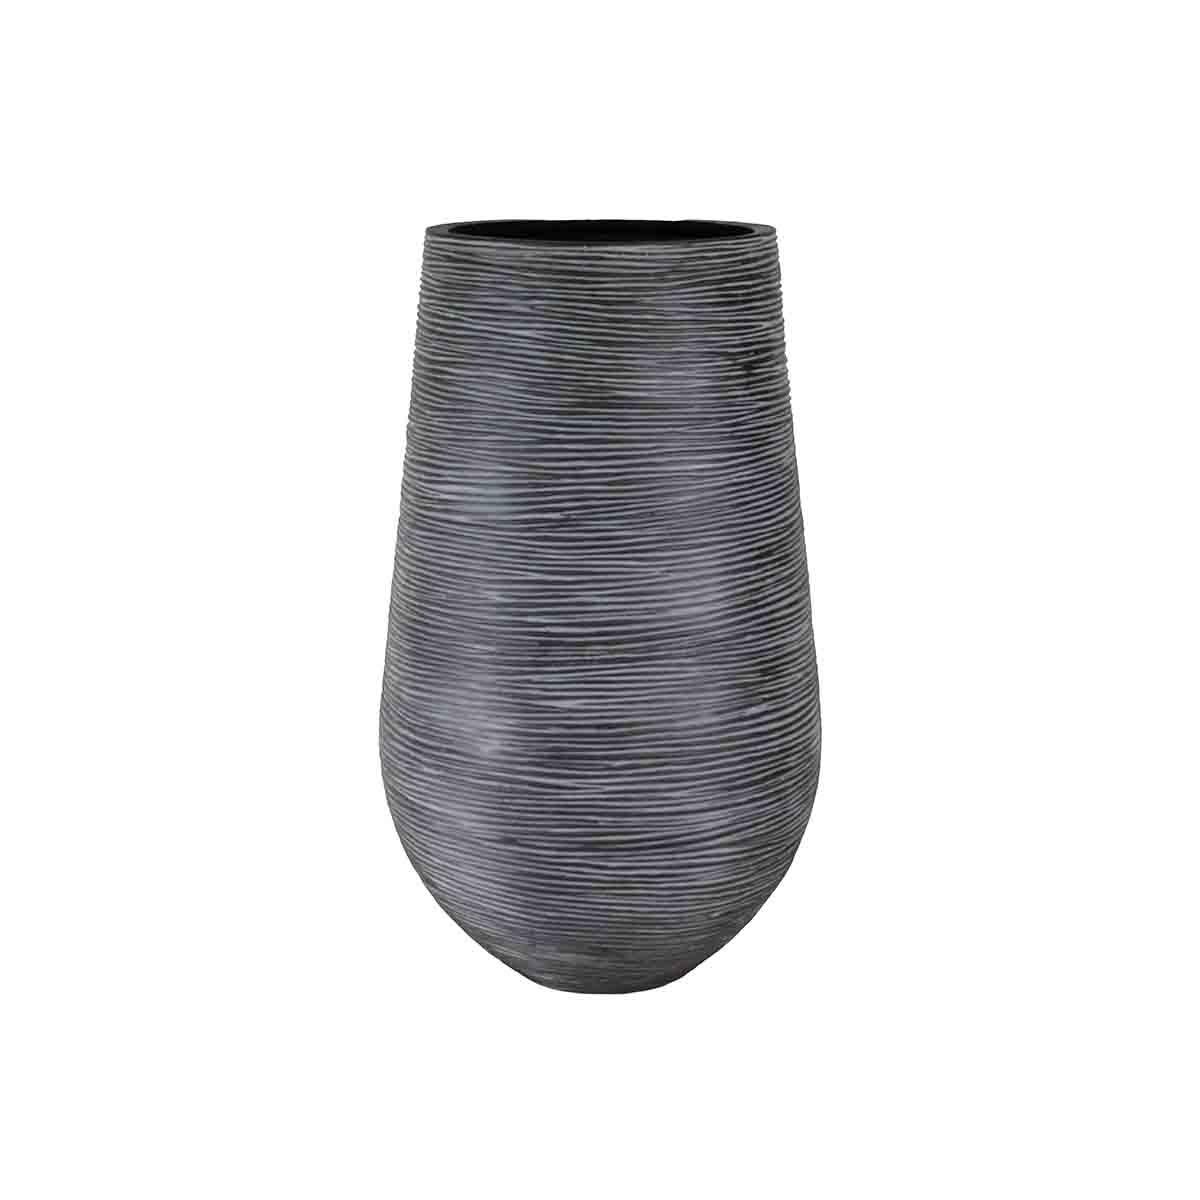 Pot palm strié noir.